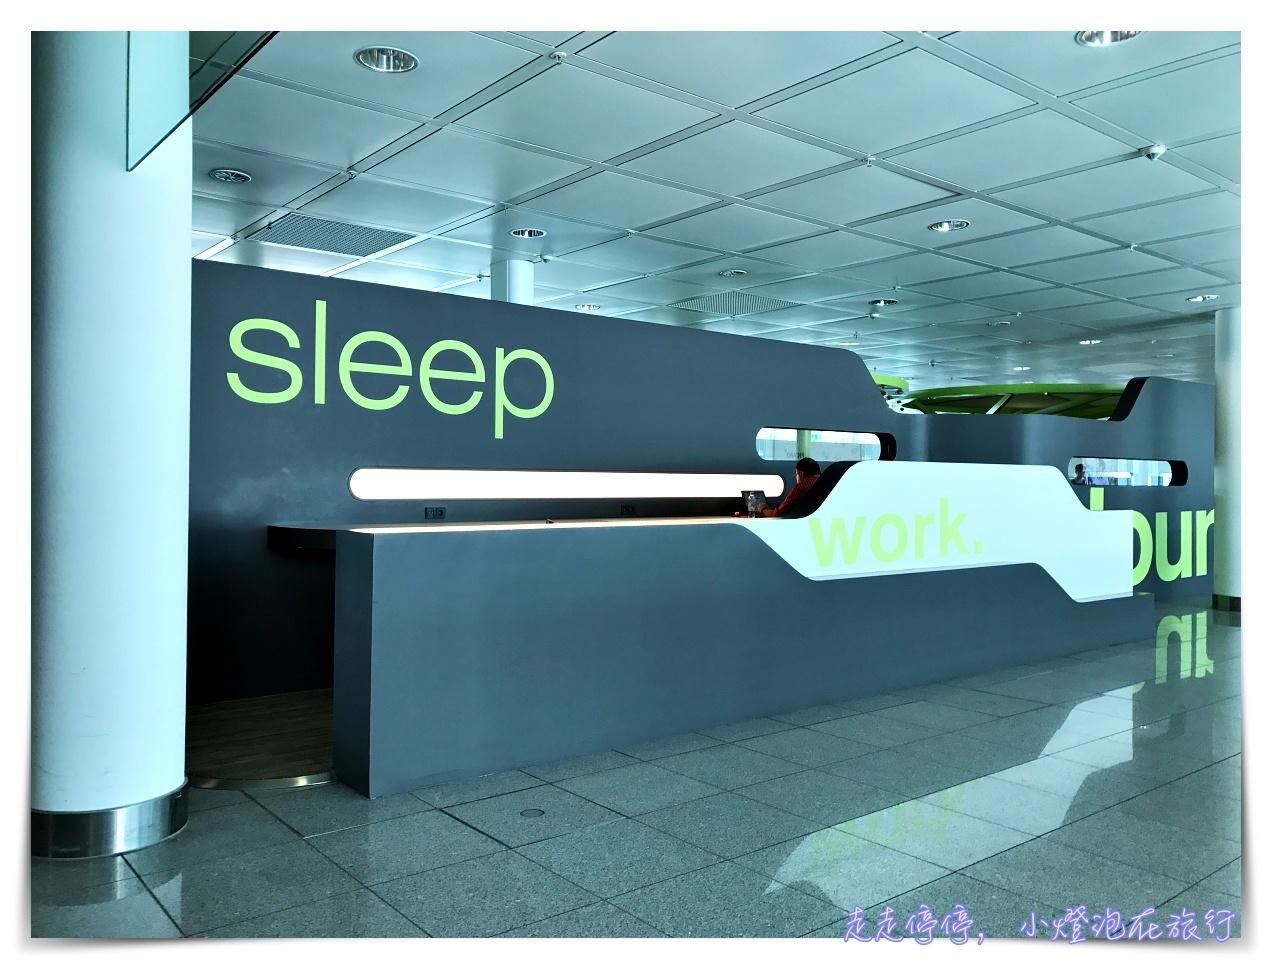 即時熱門文章:慕尼黑機場napcabs|膠囊休息房~機場候機室旁舒服休息好空間~